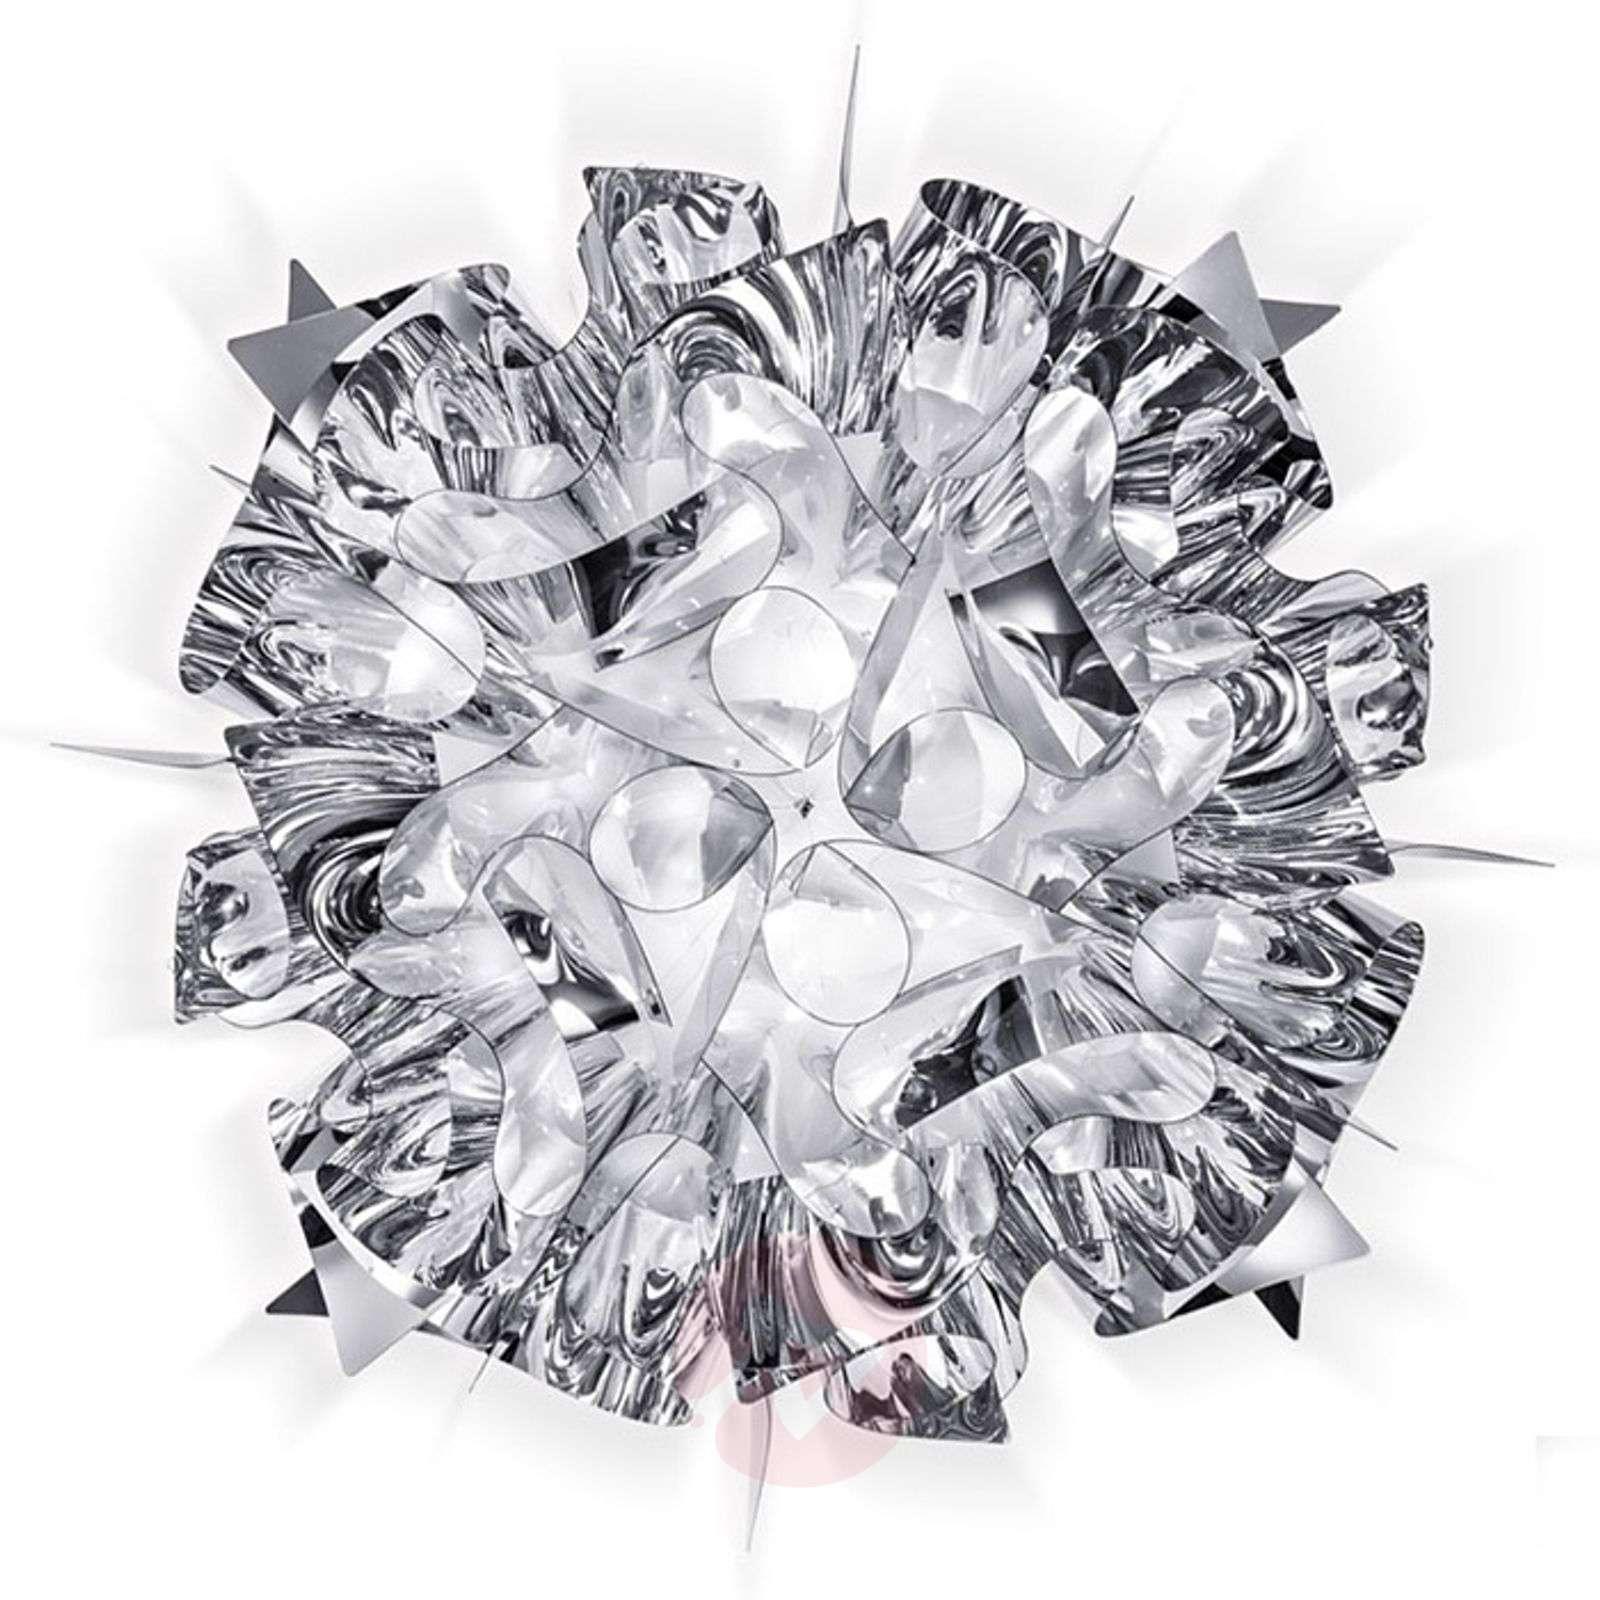 Silver Veli Mini designer ceiling light-8503211-01